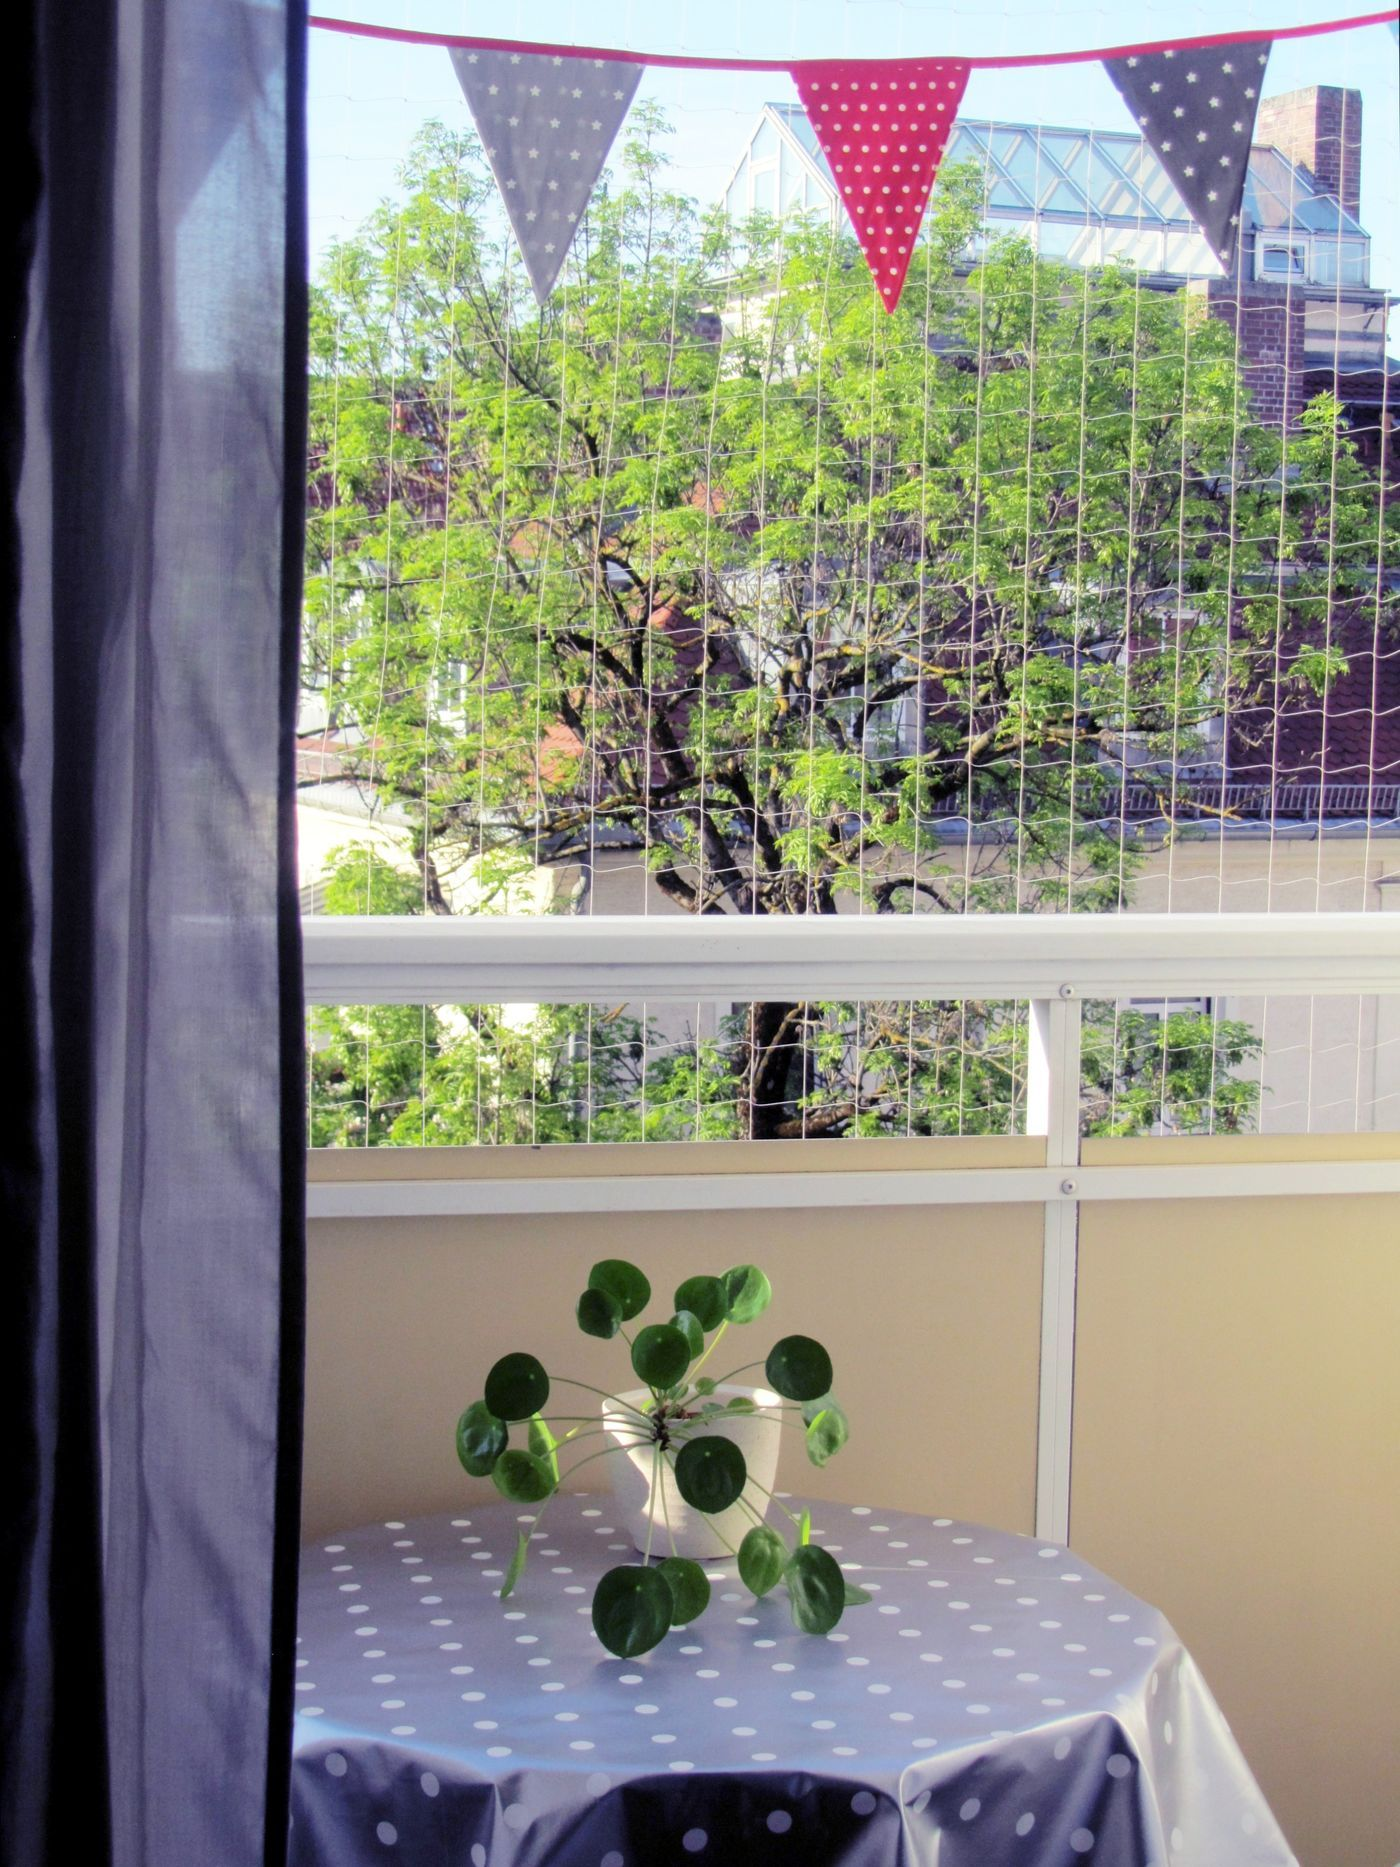 Schöne Ideen für deinen Balkon, dein Sommerwohnzimmer! - Seite 52